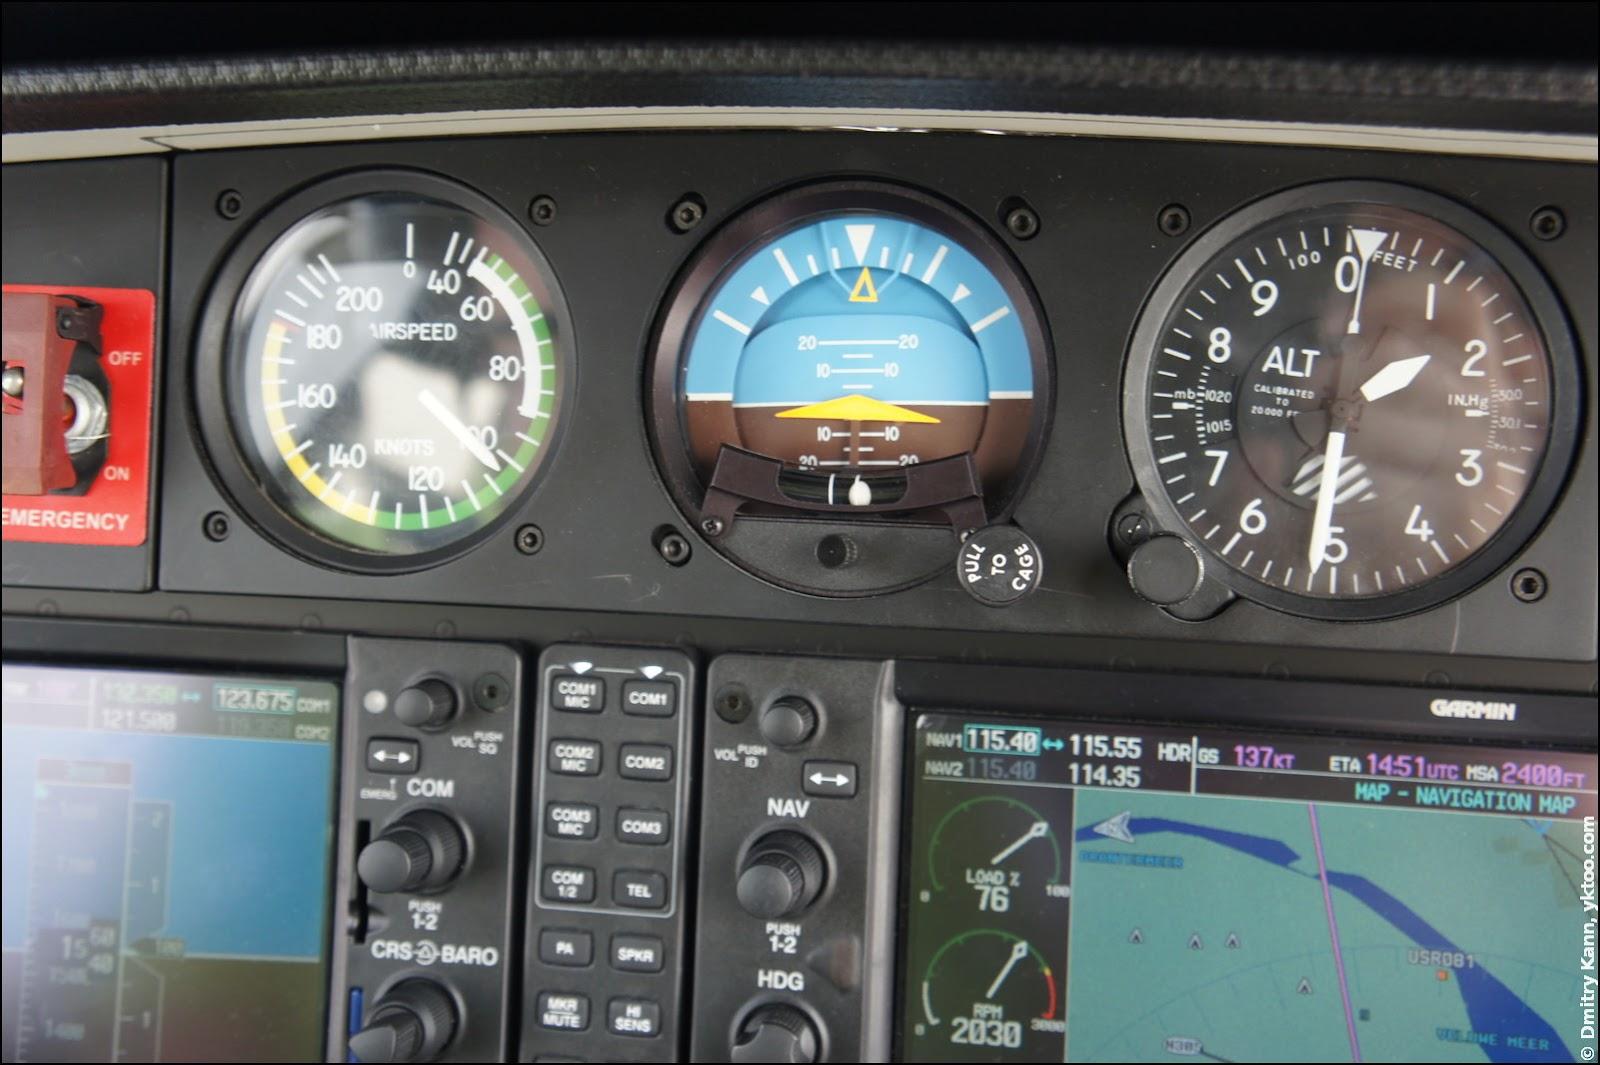 Wind speed meter, attitude indicator, altimeter.